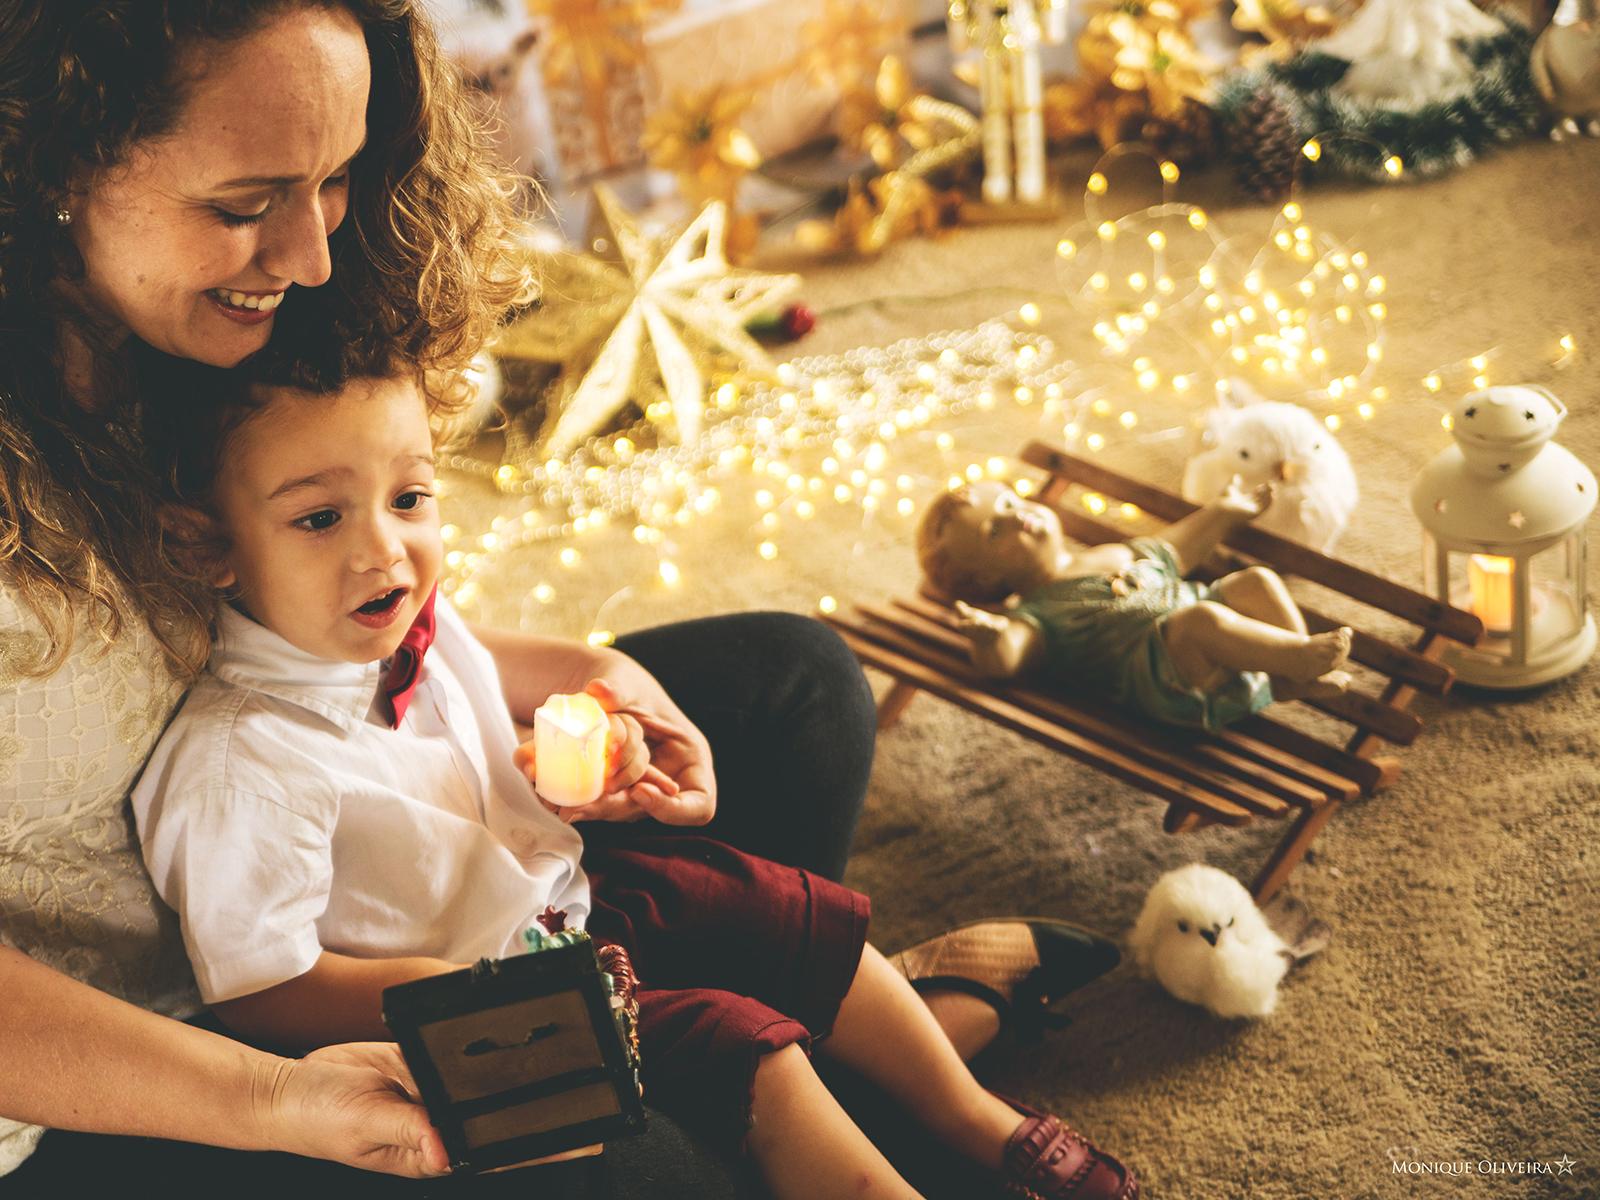 Confira 25 atos para passar um Natal mais cristão em família